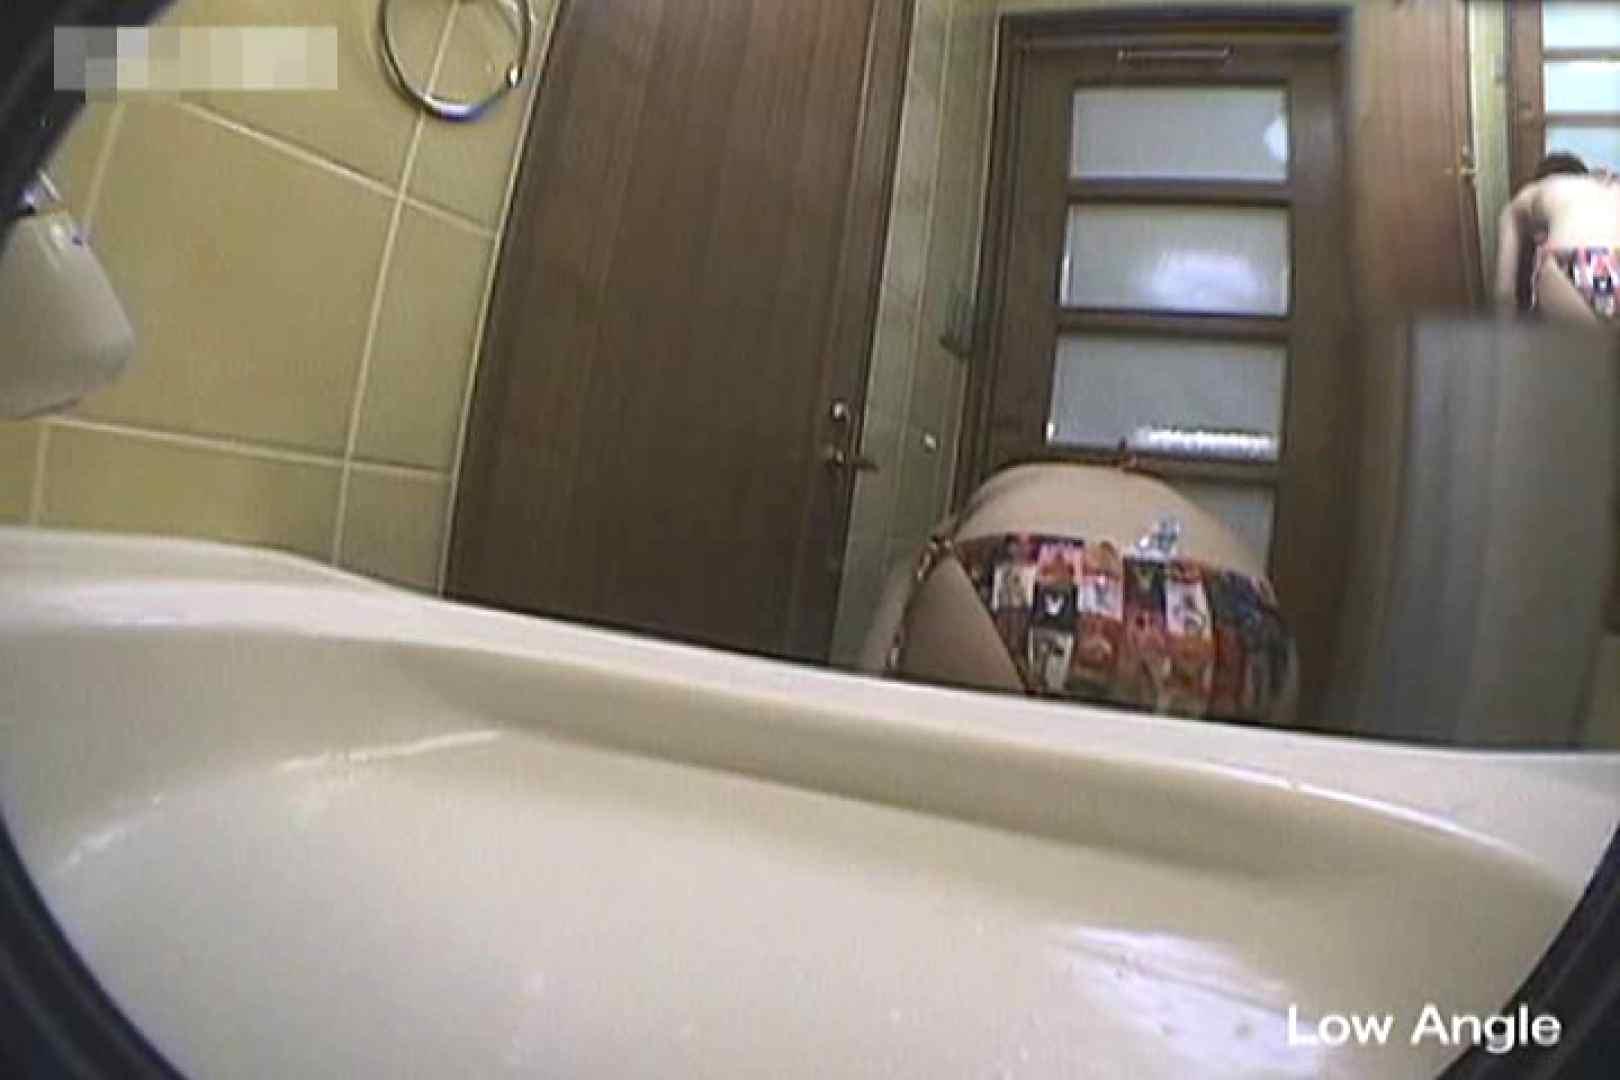 水着ギャルびっくり!! 洗面所盗撮Vol.13 おまんこ丸出し セックス画像 55連発 8